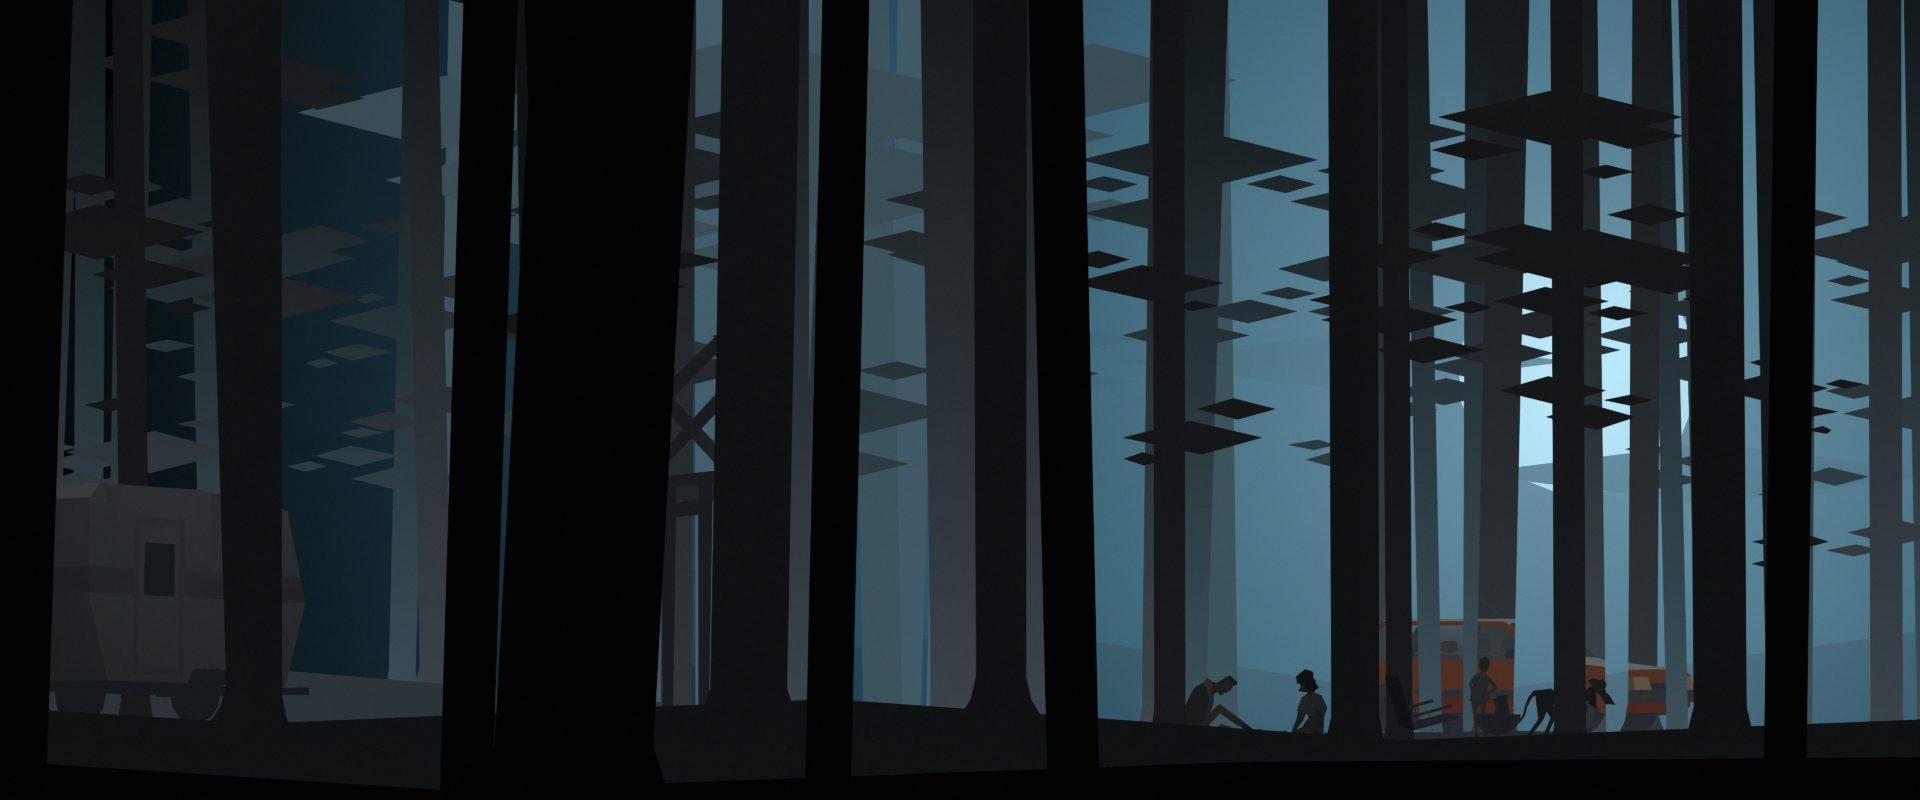 冒險遊戲《肯塔基州零號線》中的森林場景參考超現實主義藝術家馬格利特(René Magritte)畫作《空白簽名》,呈現濃厚的魔幻寫實風格。